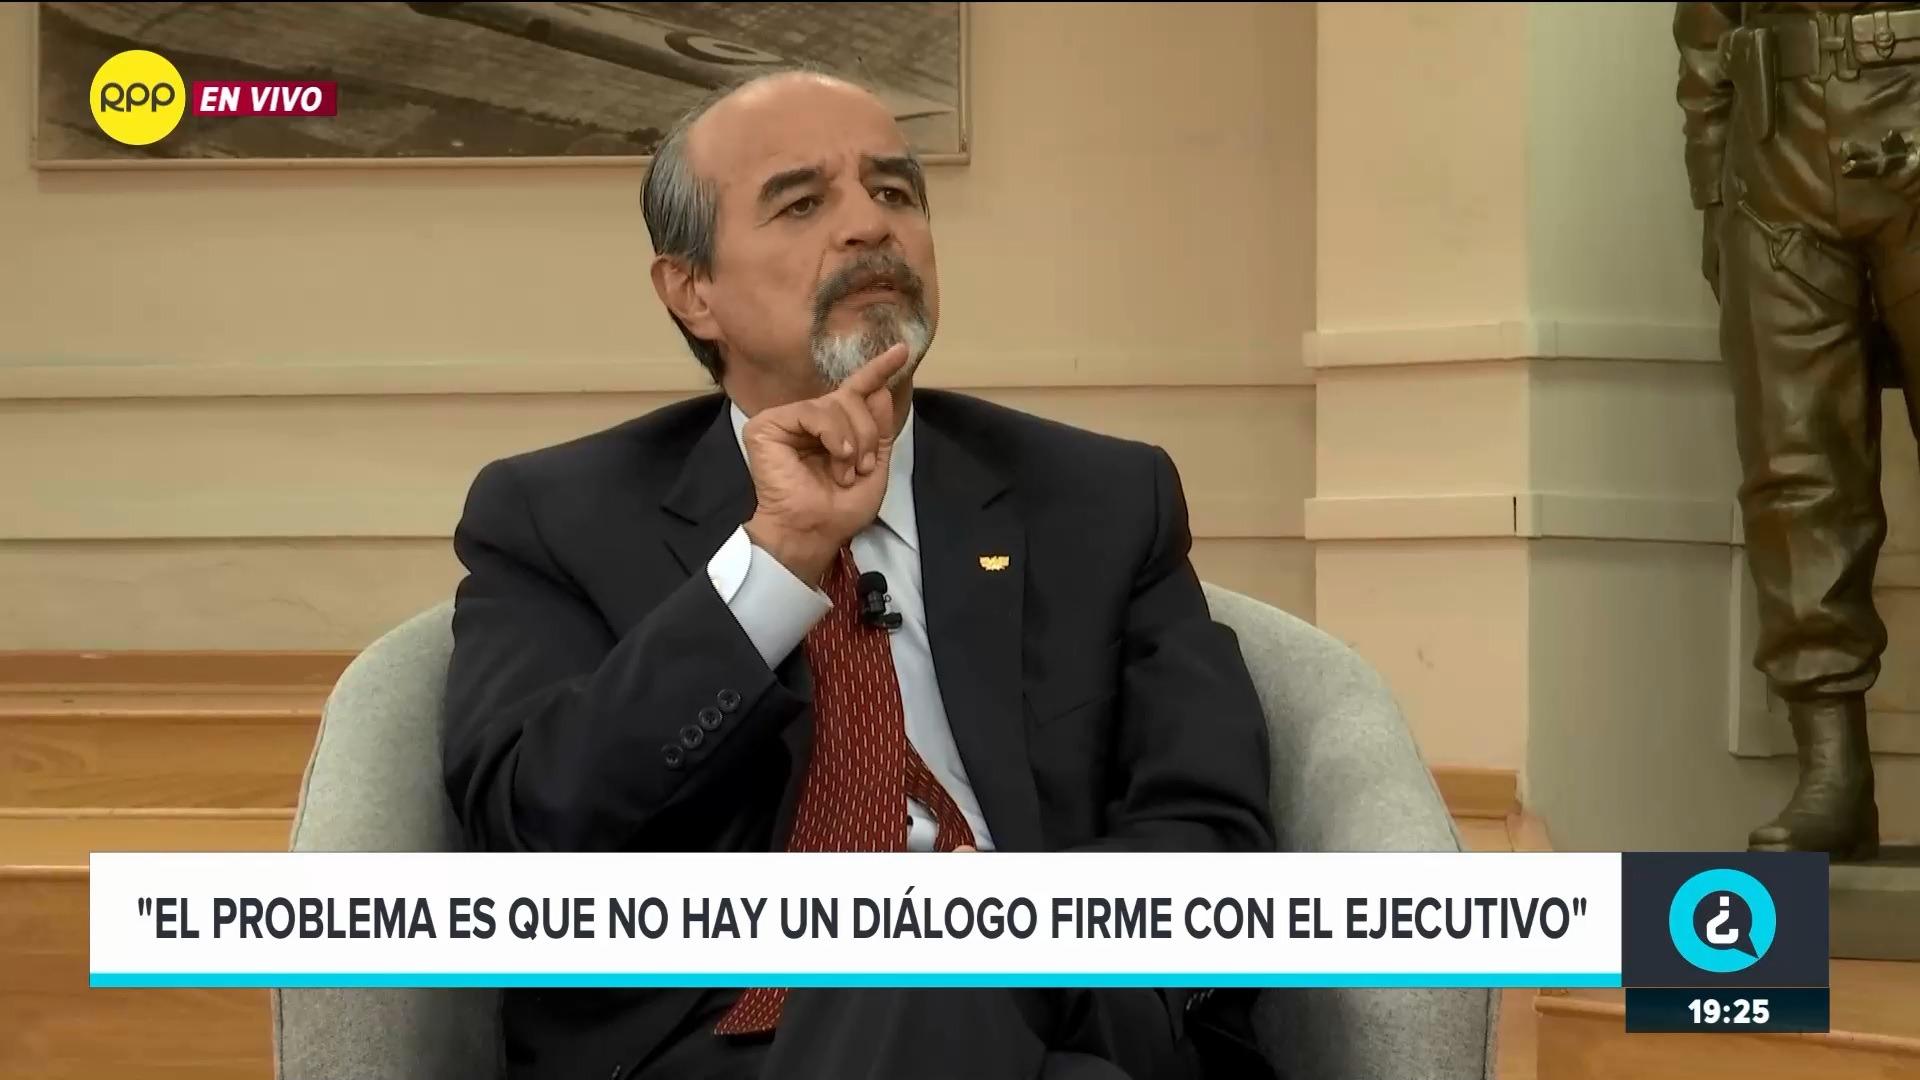 El parlamentario criticó al presidente Vizcarra por